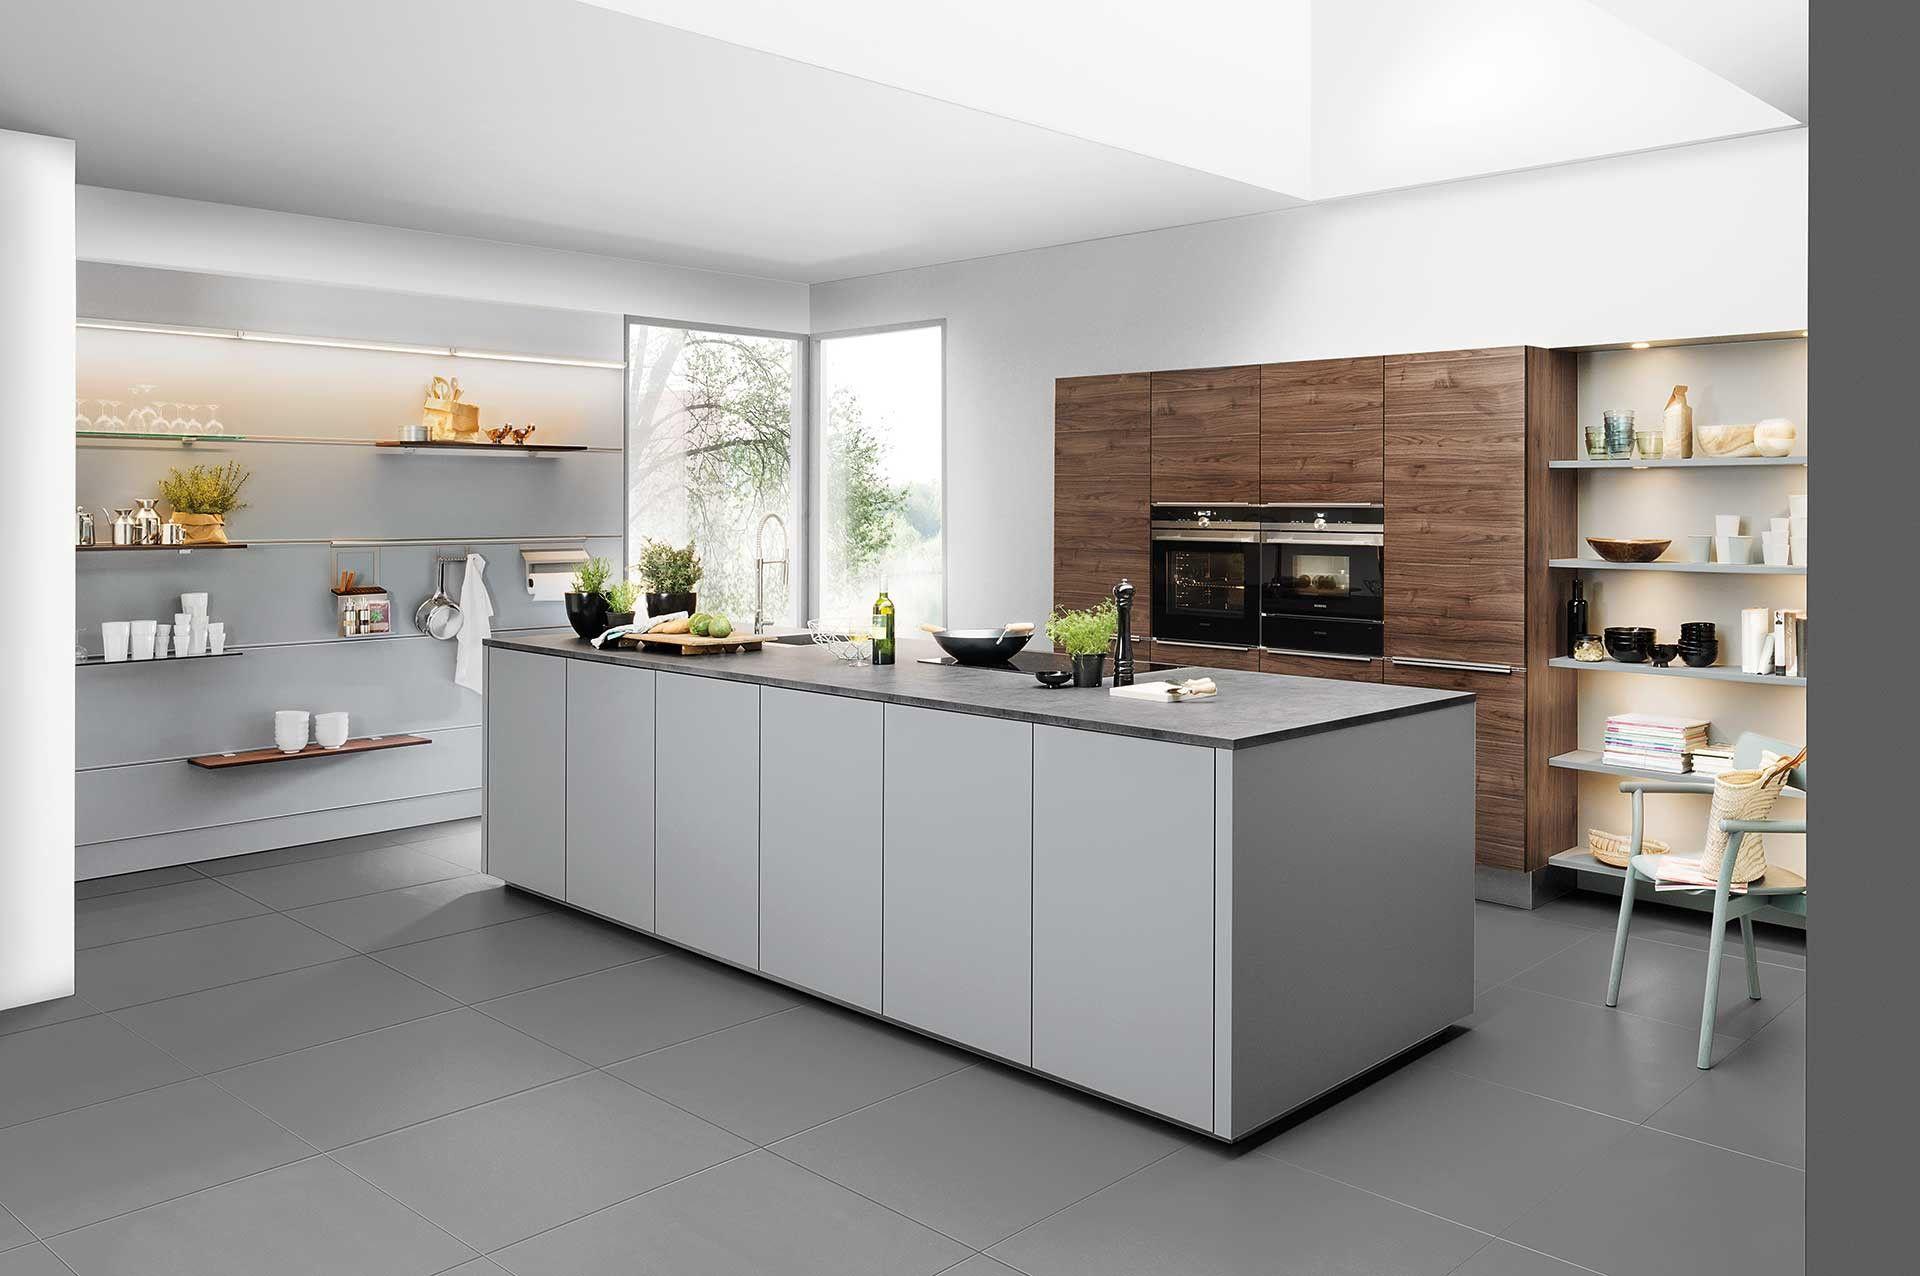 Grijze keuken met hout accenten de lichtgrijze kleur in deze keuken is een populaire kleur die - Kleur grijze leisteen ...